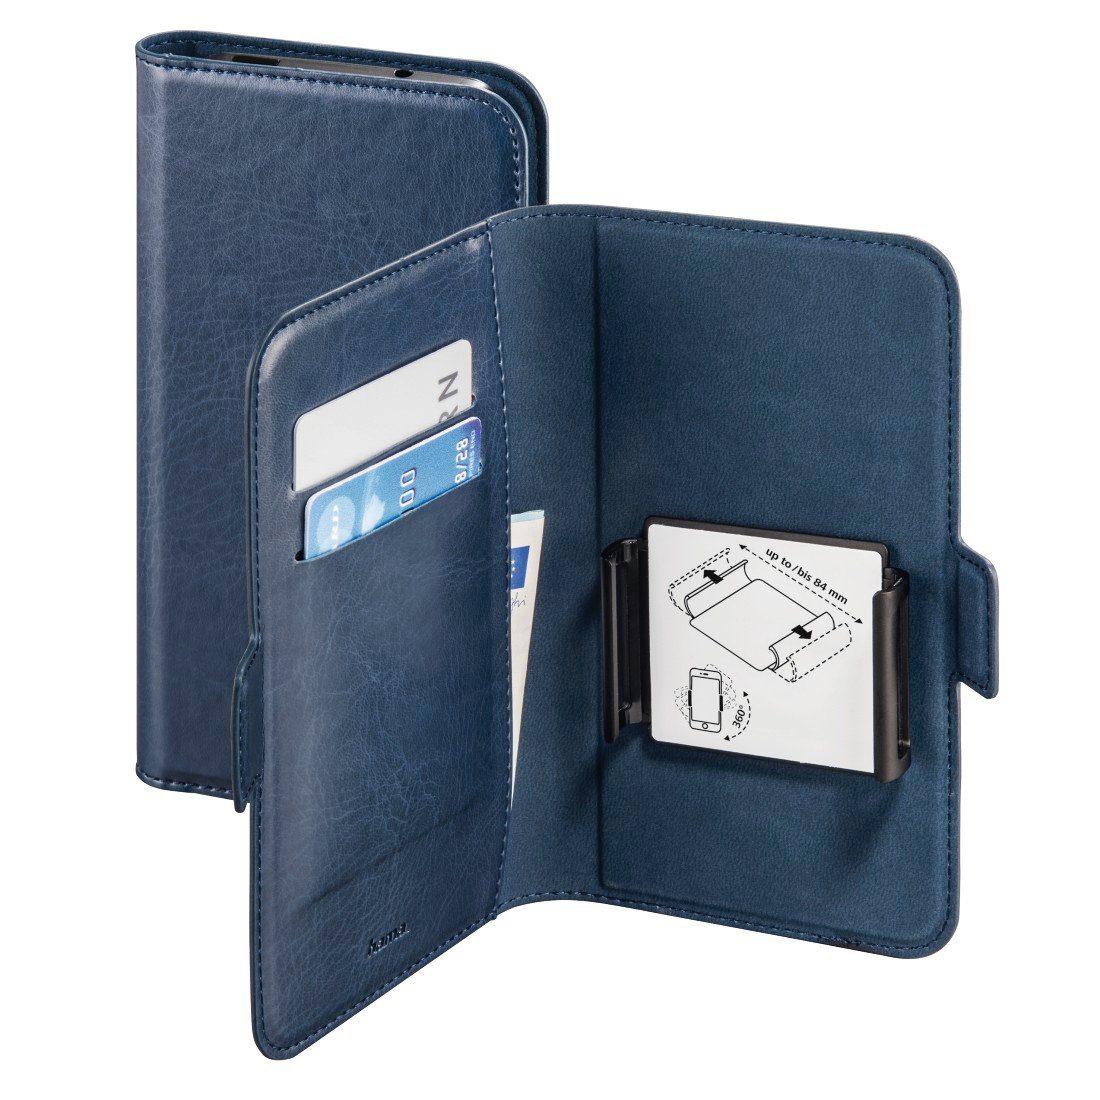 Hama Handytasche Handyhülle universal Hülle Smart Move, Blau »für Handys von 4,7 - 5,1 Zoll«